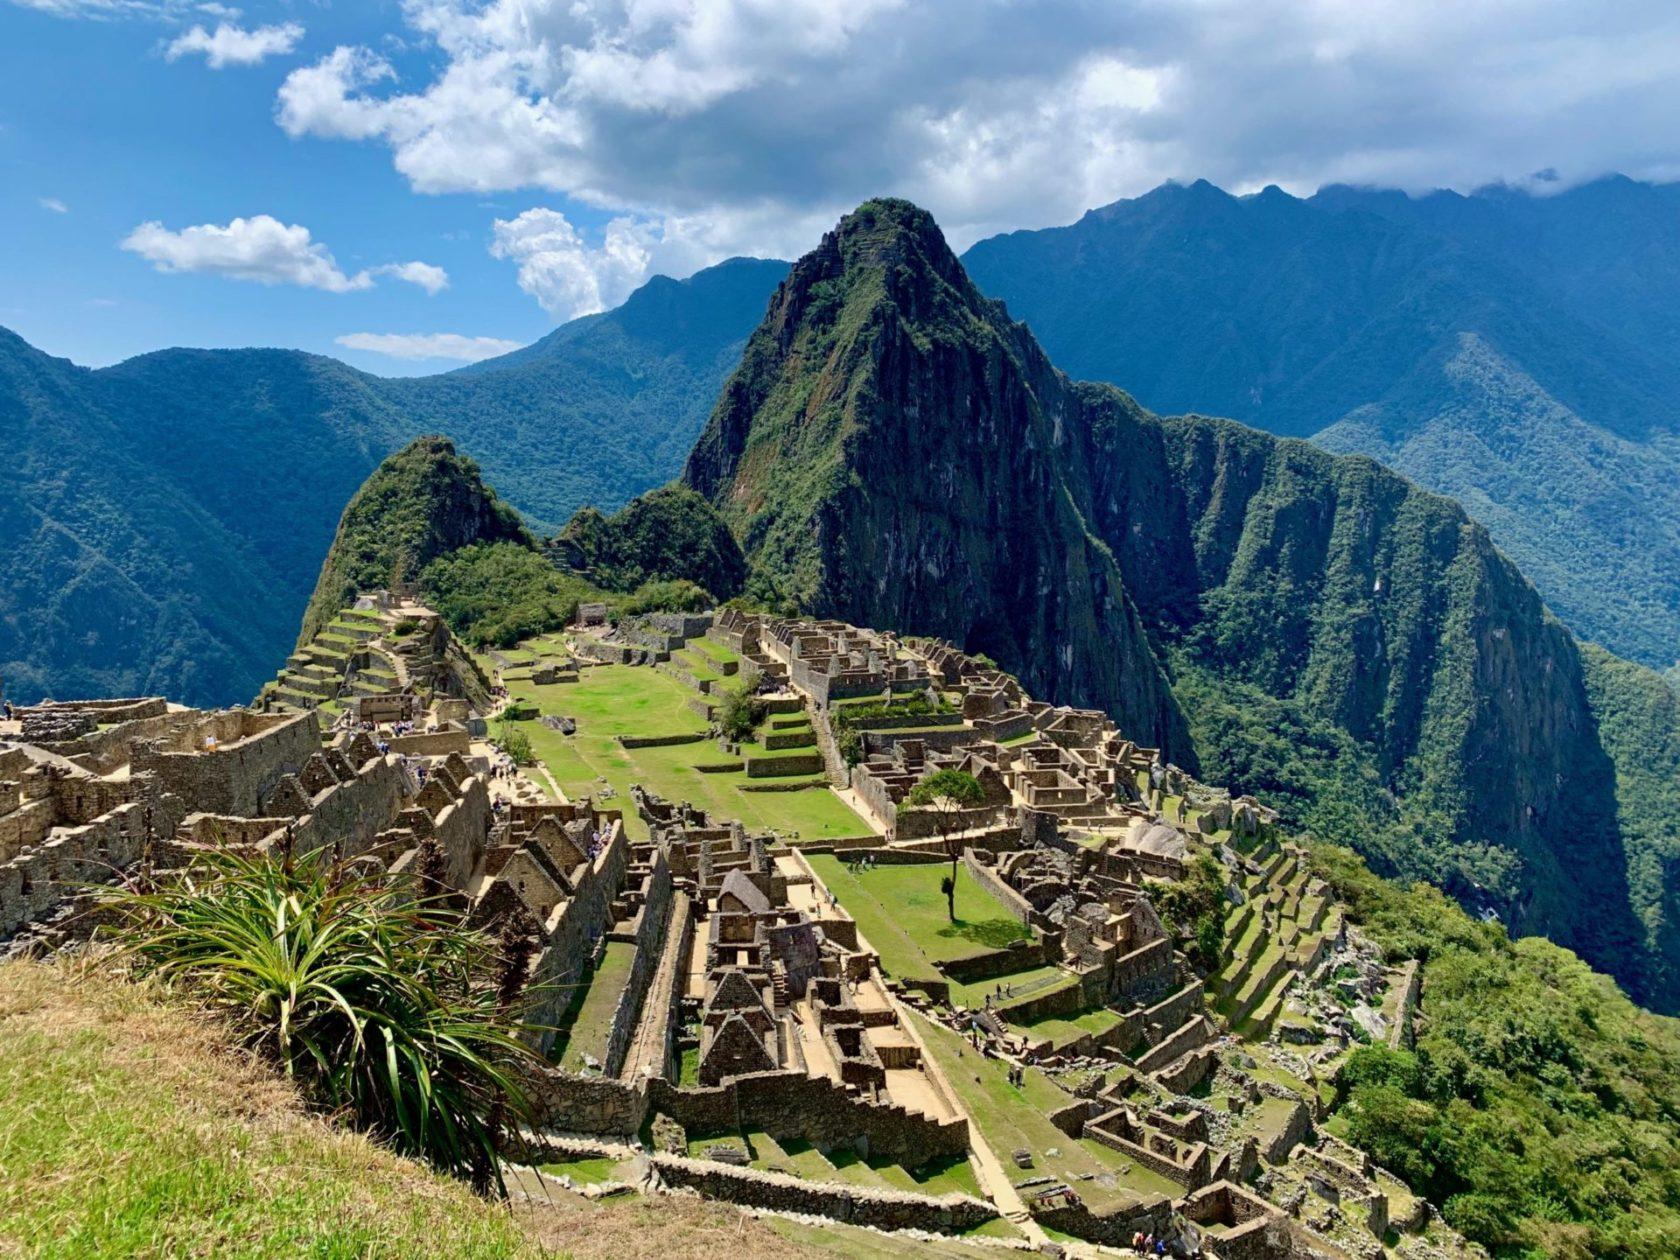 You need muscular strength to hike Machu Picchu